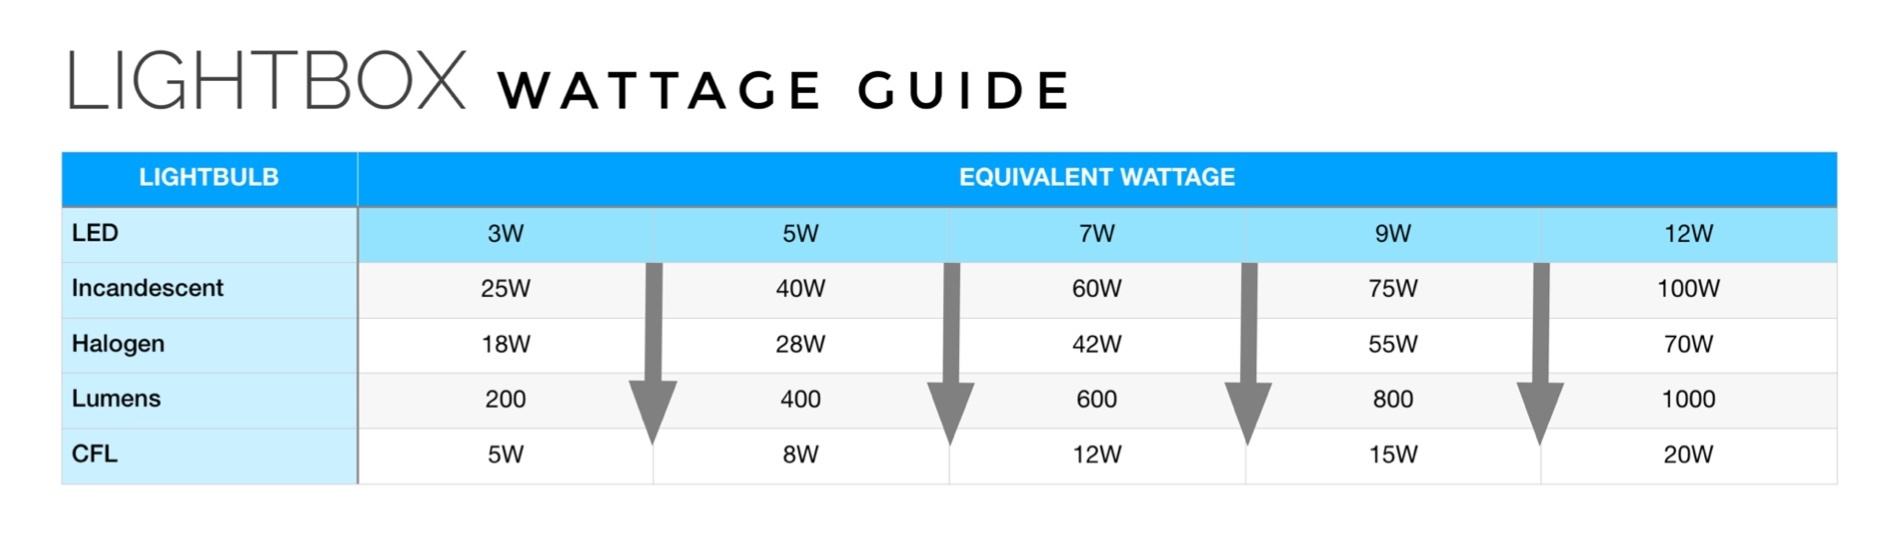 LED Lumen Wattage Chart